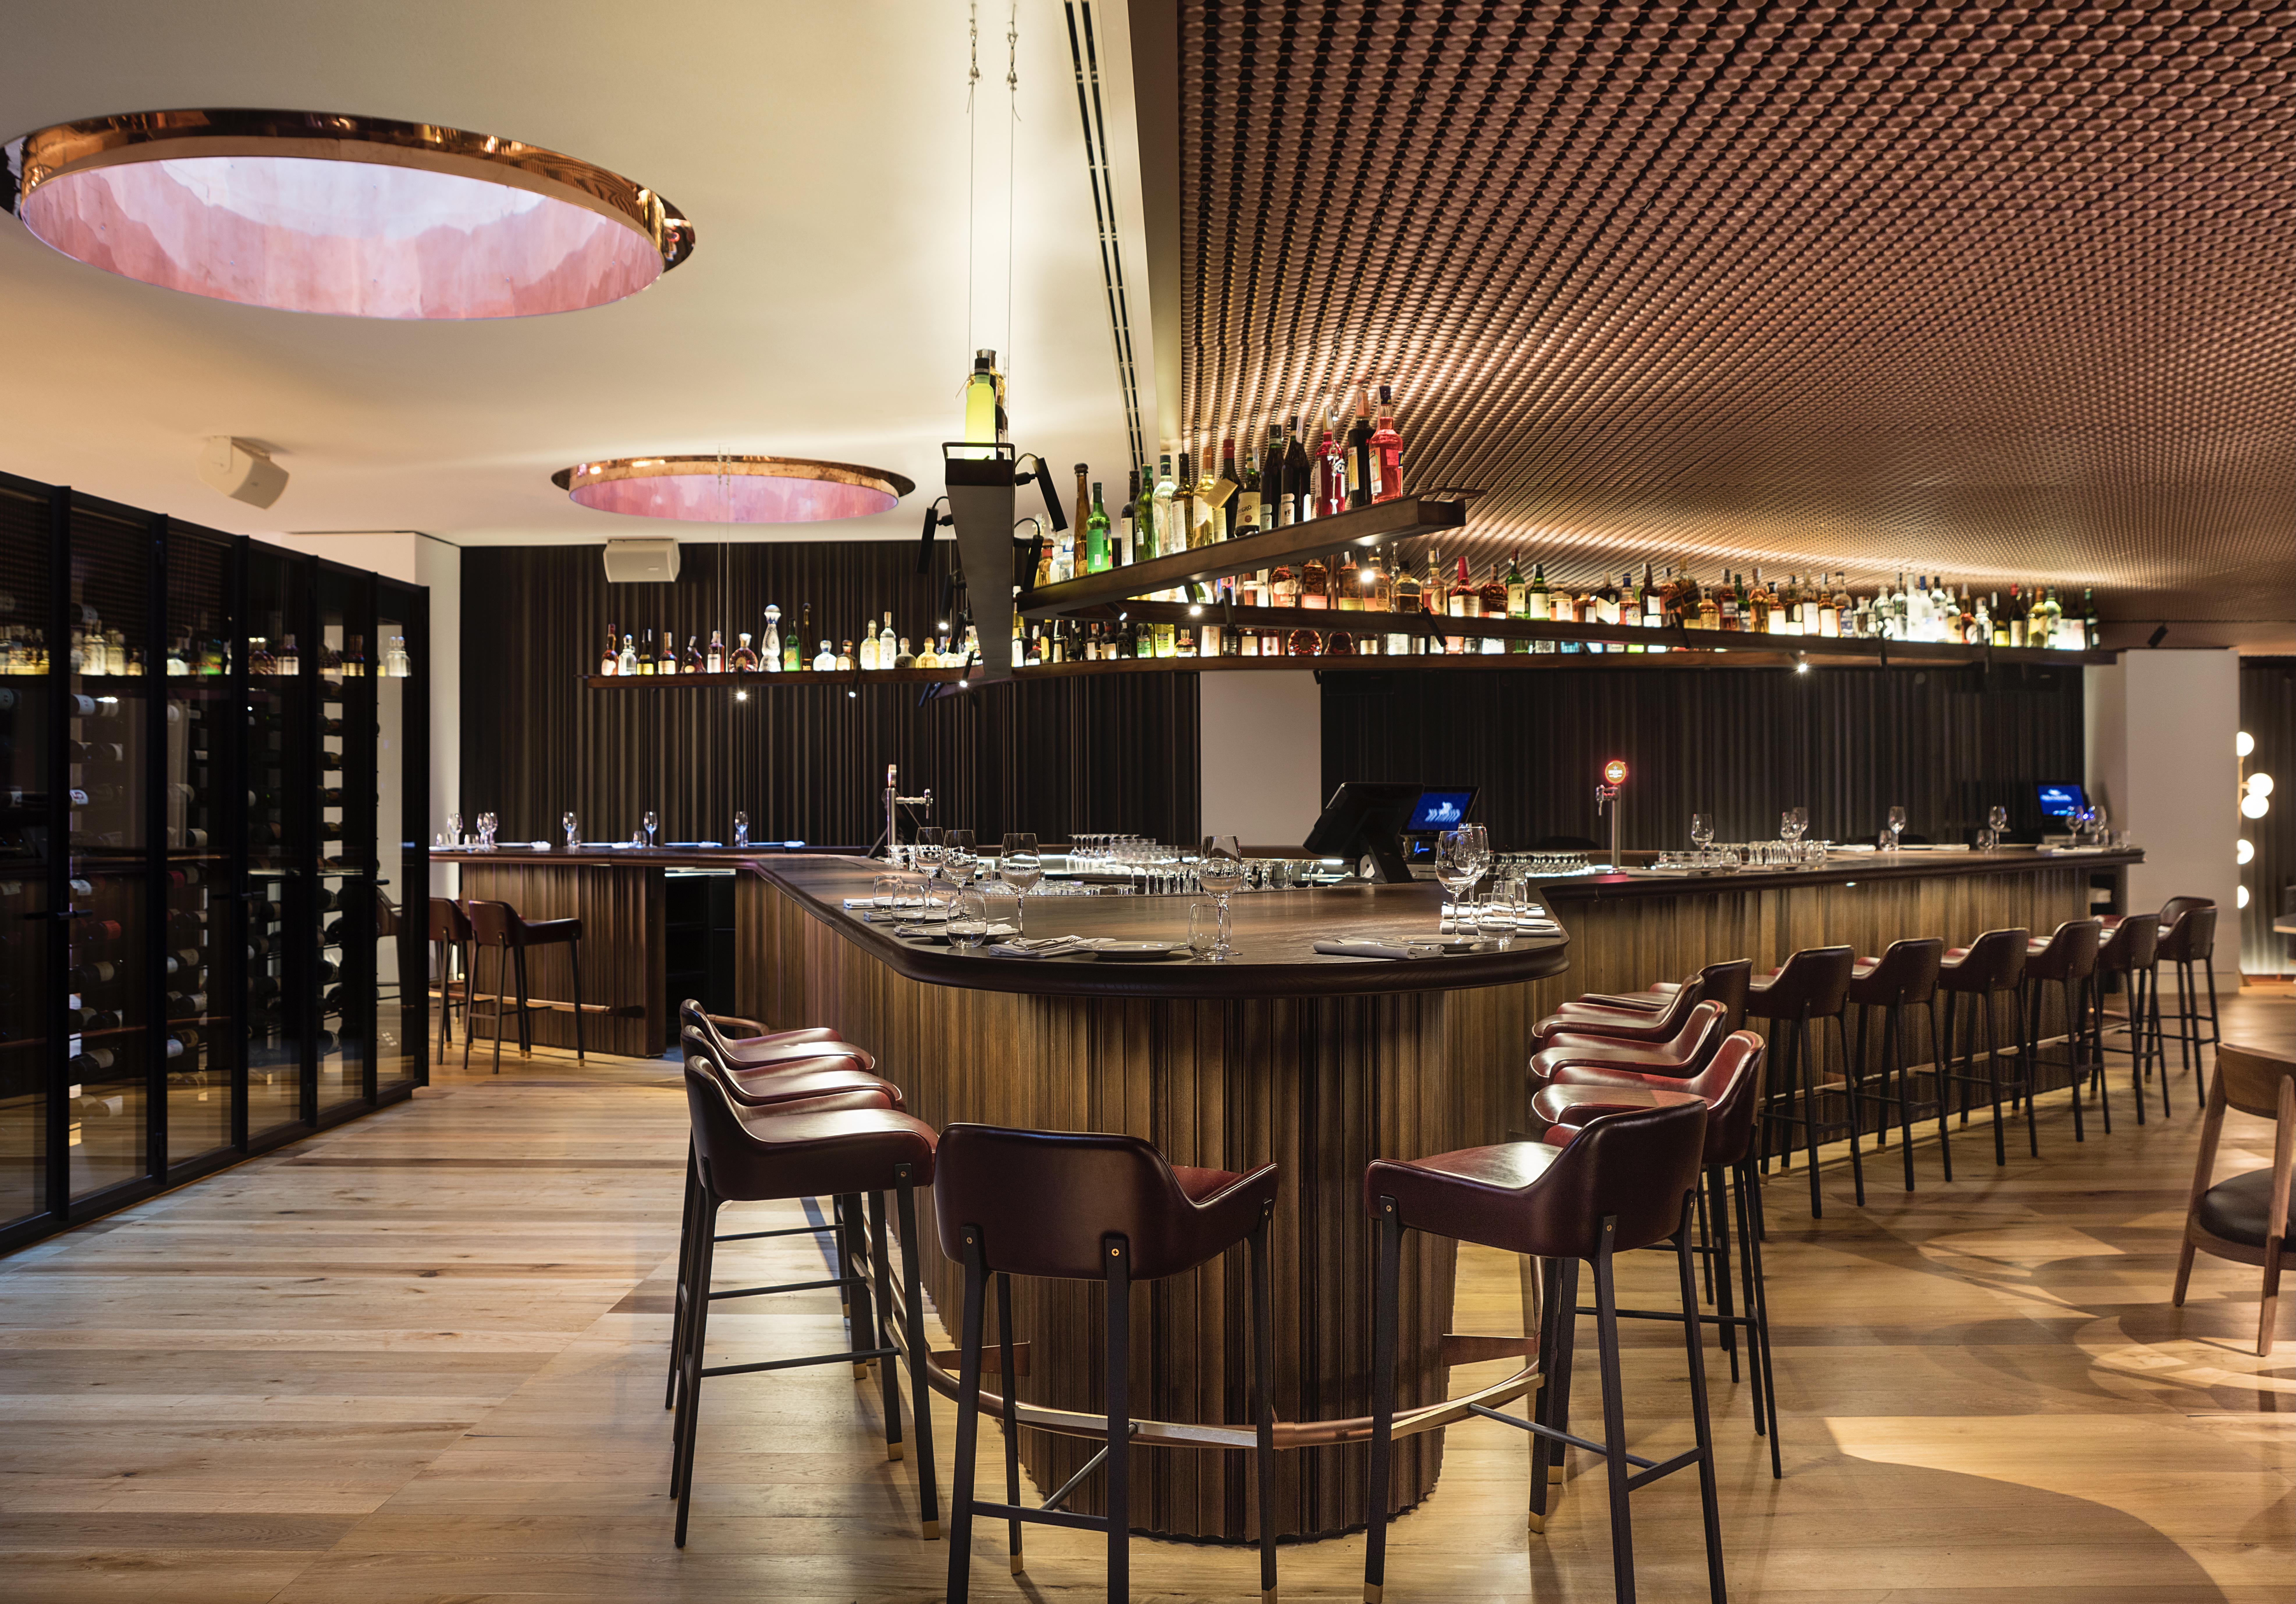 interior-mrporter-restaurante-barcelona-horsemagazine